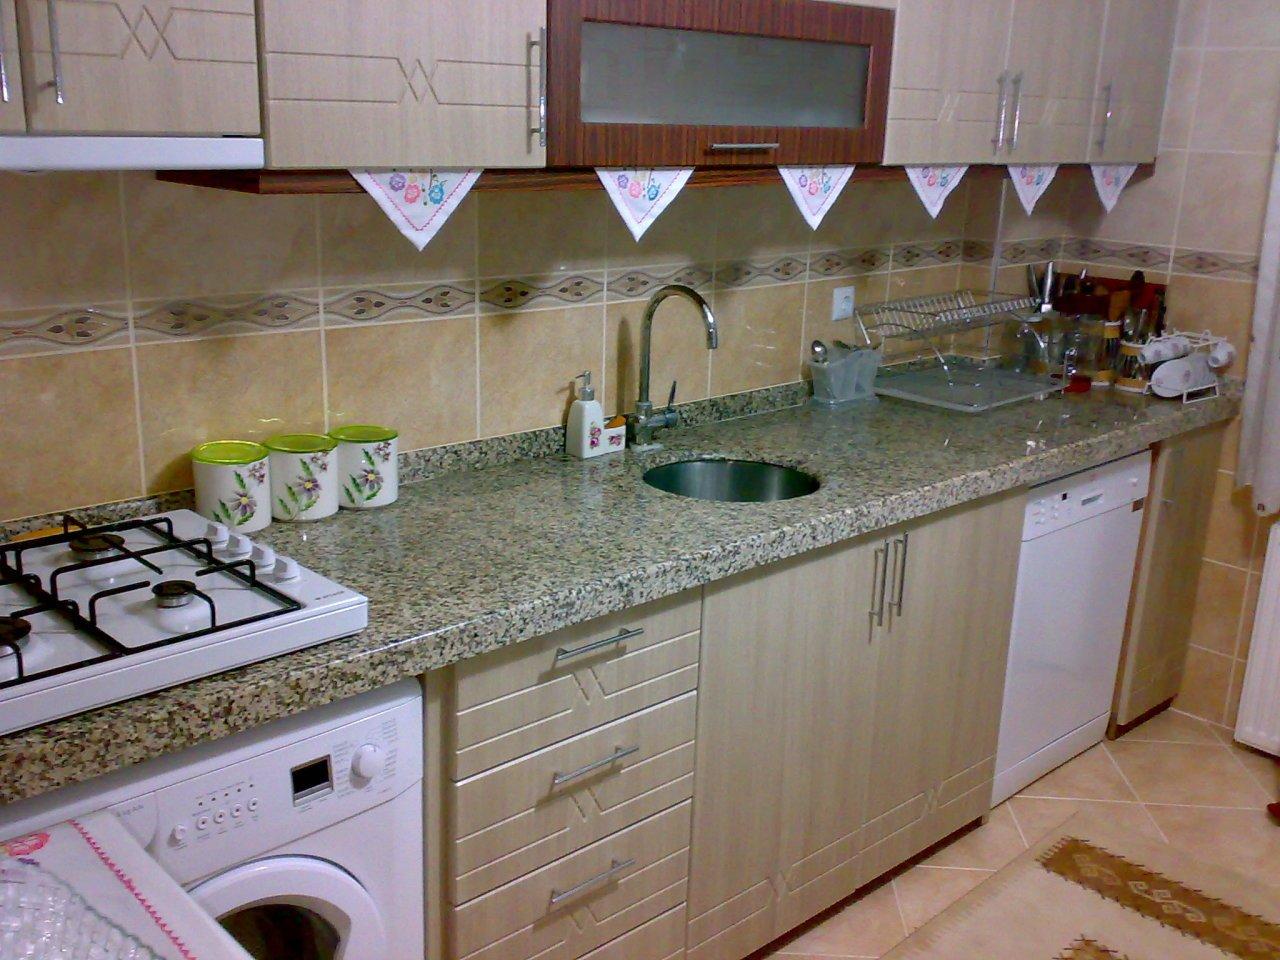 Mutfak Tezgahı mutfak tezgahı crema perla doğal granit - kolayyapi